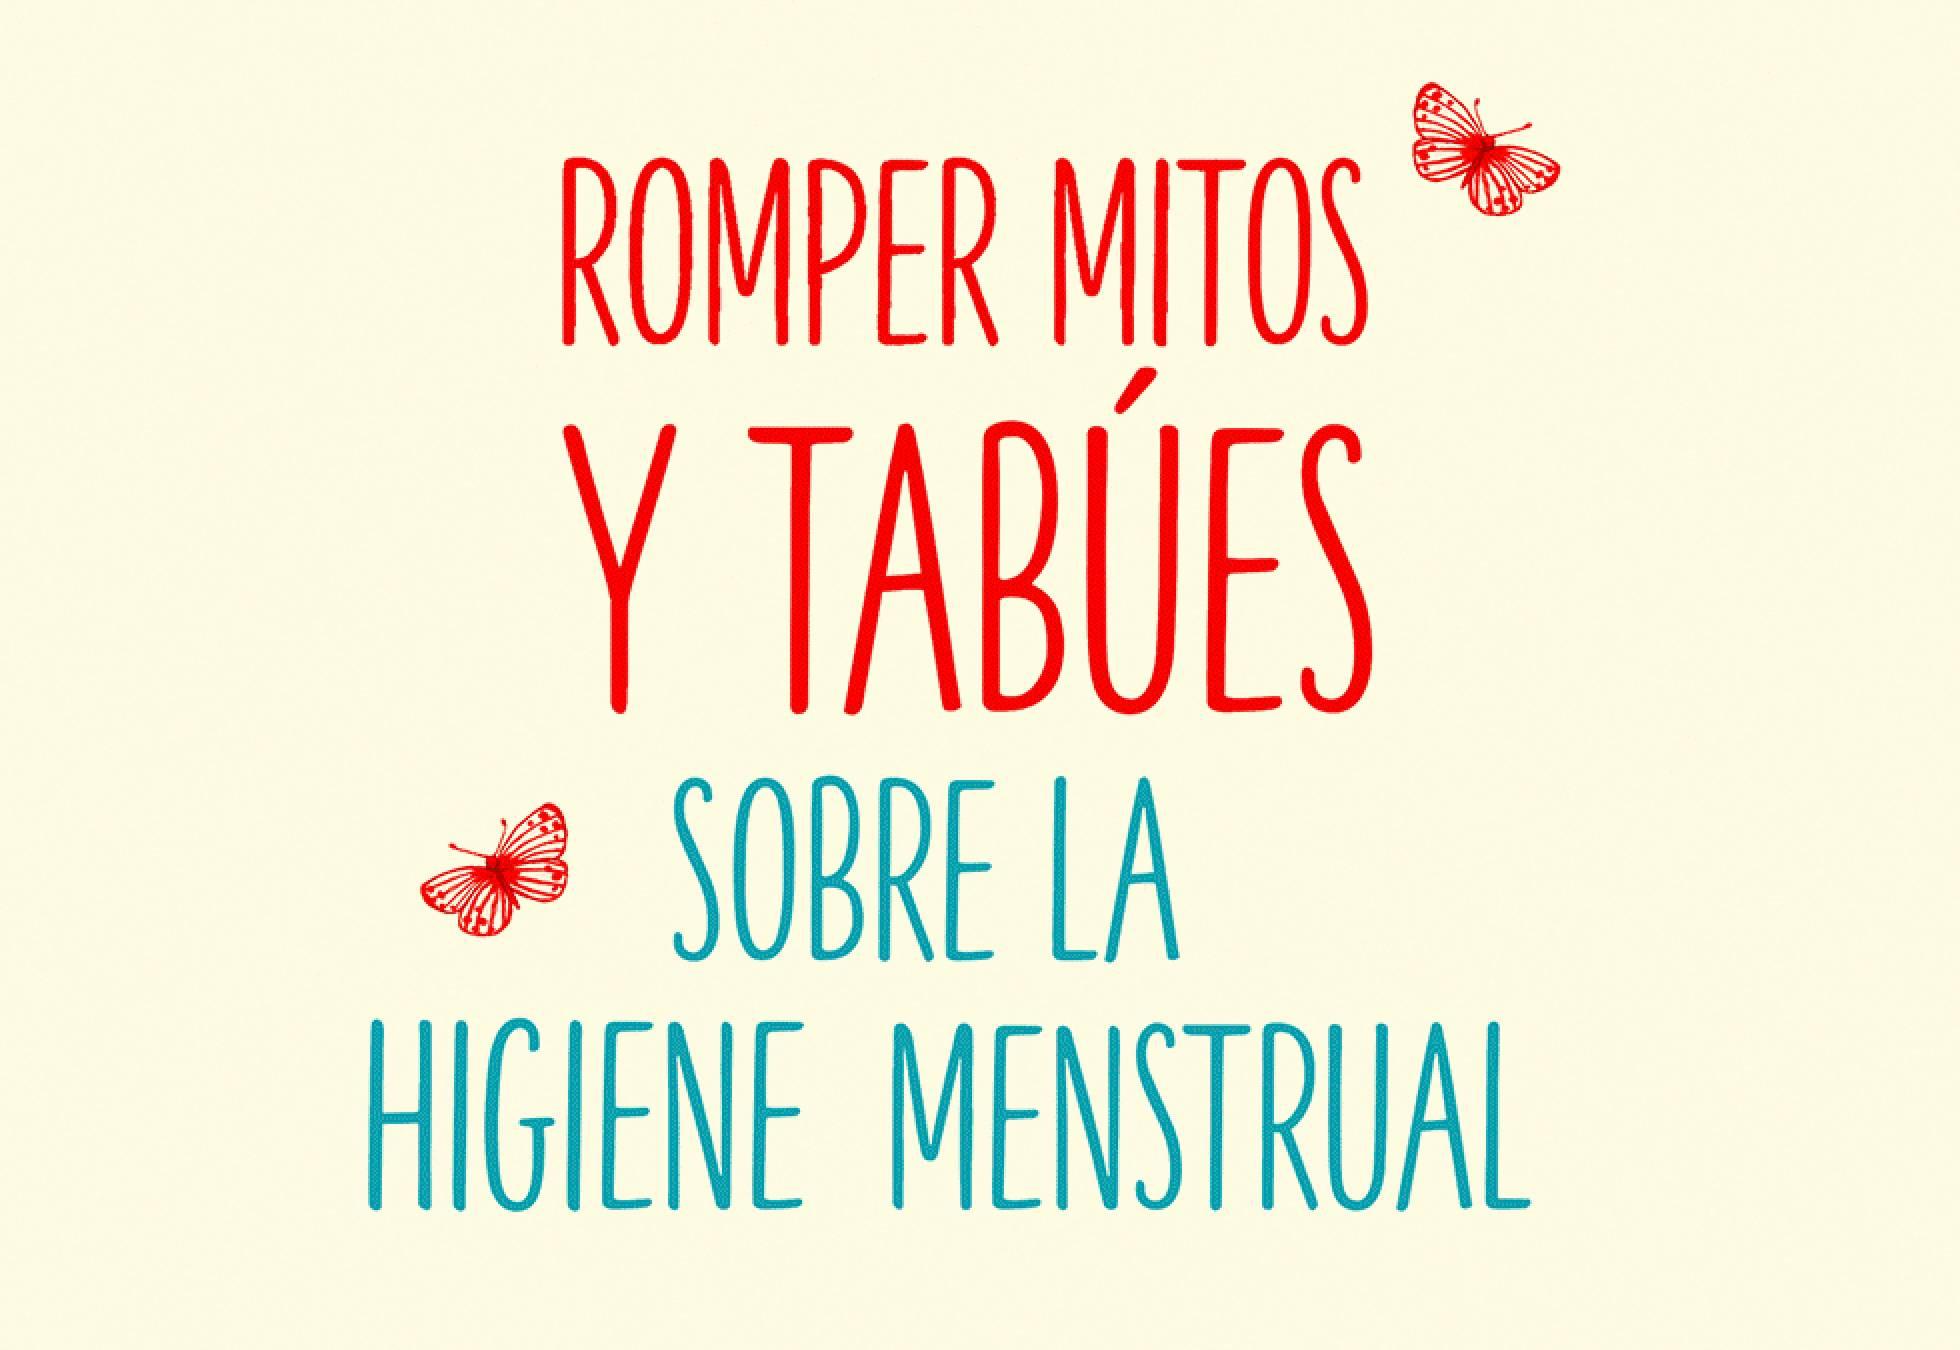 Menstruar entre mitos y tabúes